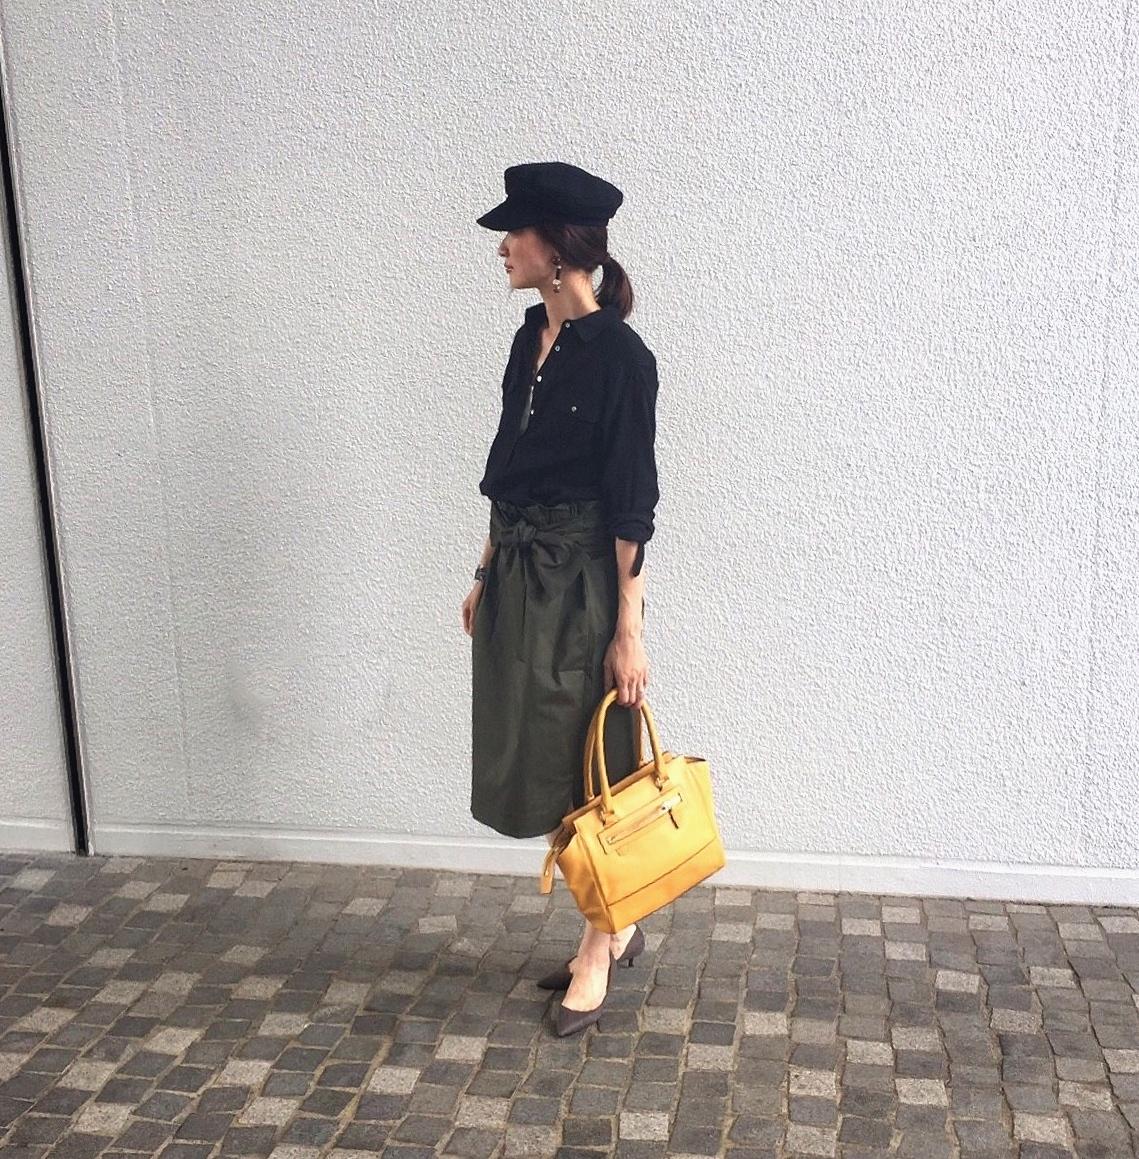 夏も後半。秋の気配を少しだけ感じさせる「黒」の着こなし【マリソル美女組ブログPICK UP】_1_1-1